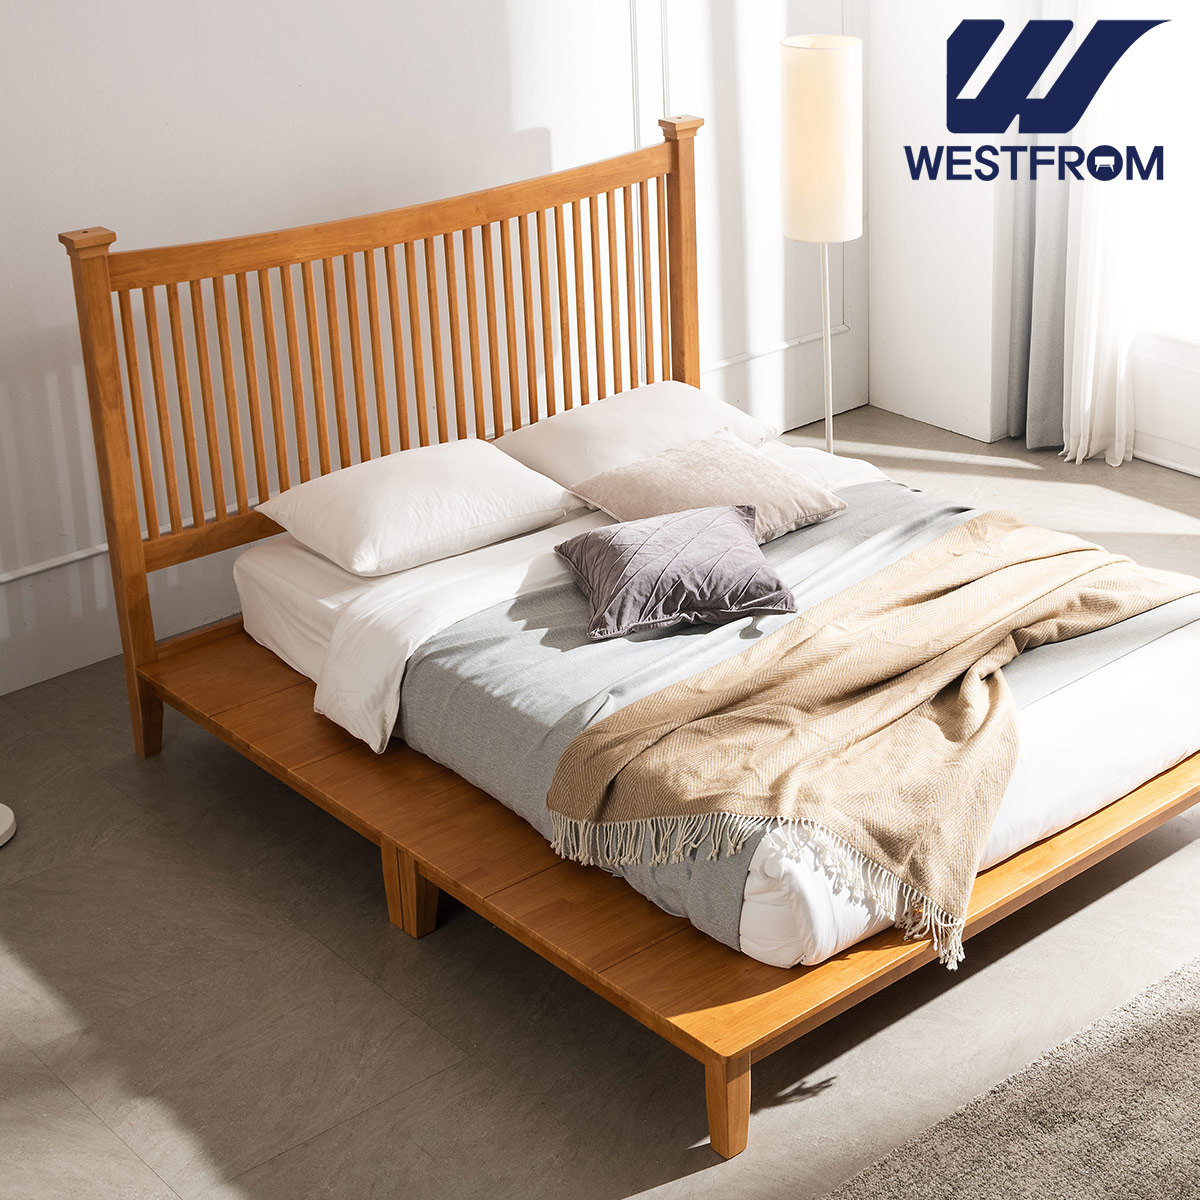 [웨스트프롬] 모던 마가렛) 고무나무원목 평상형 침대(Q,K공용) / 프레임만